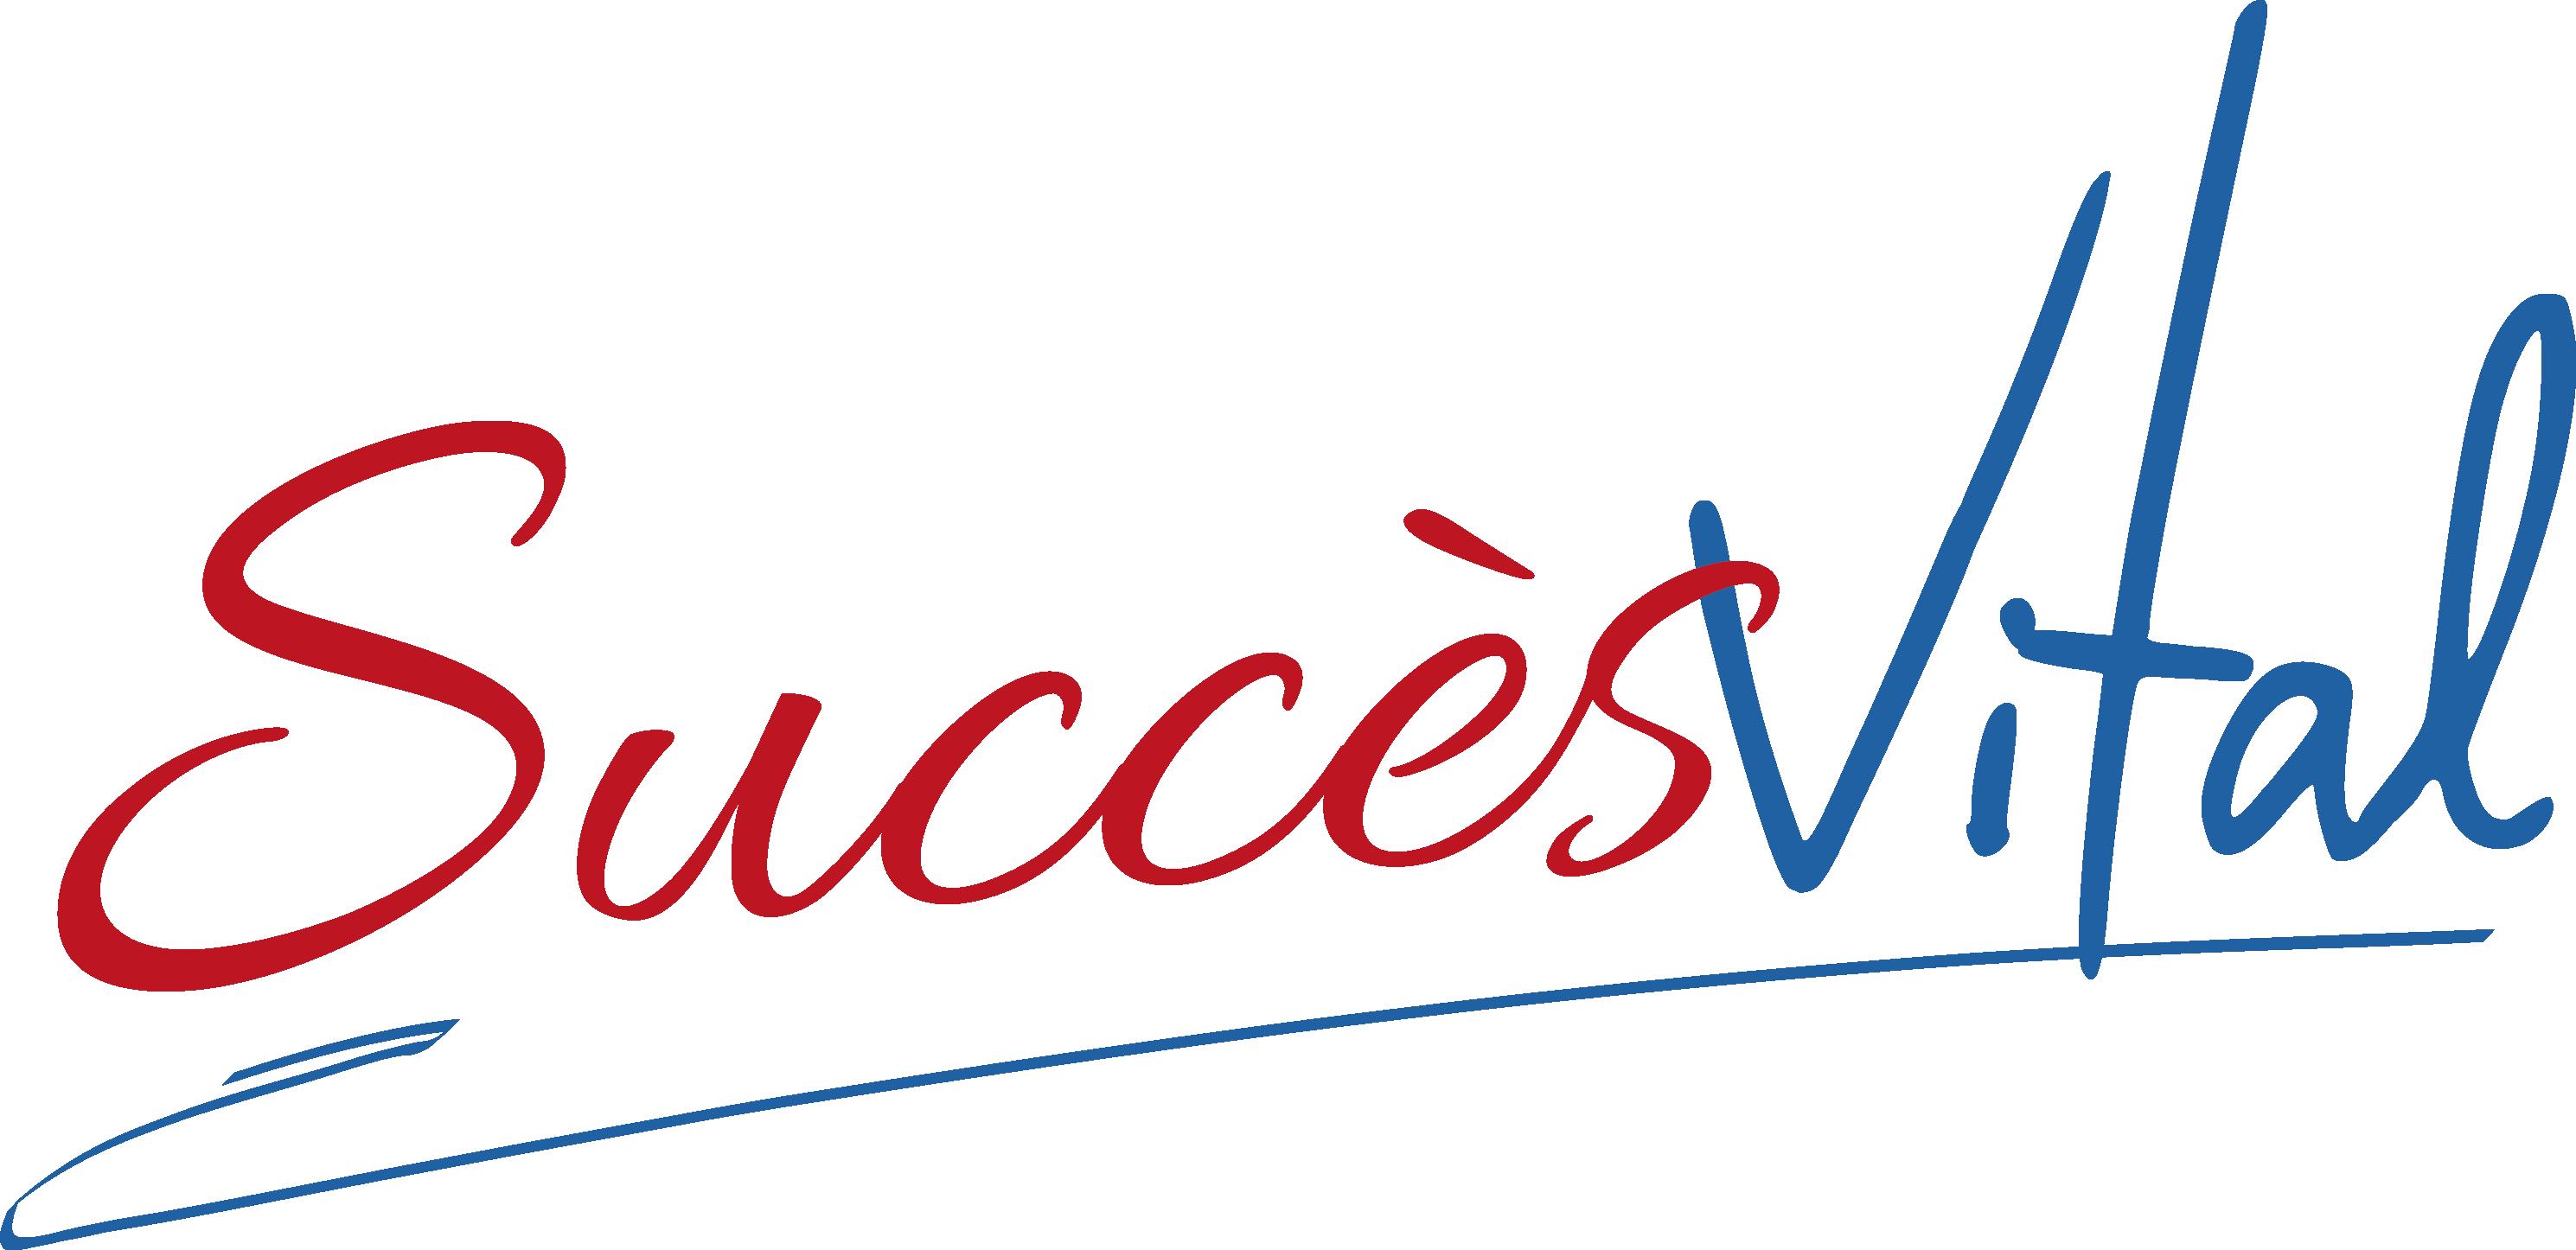 Succès Vital| Création| Logo vectoriel